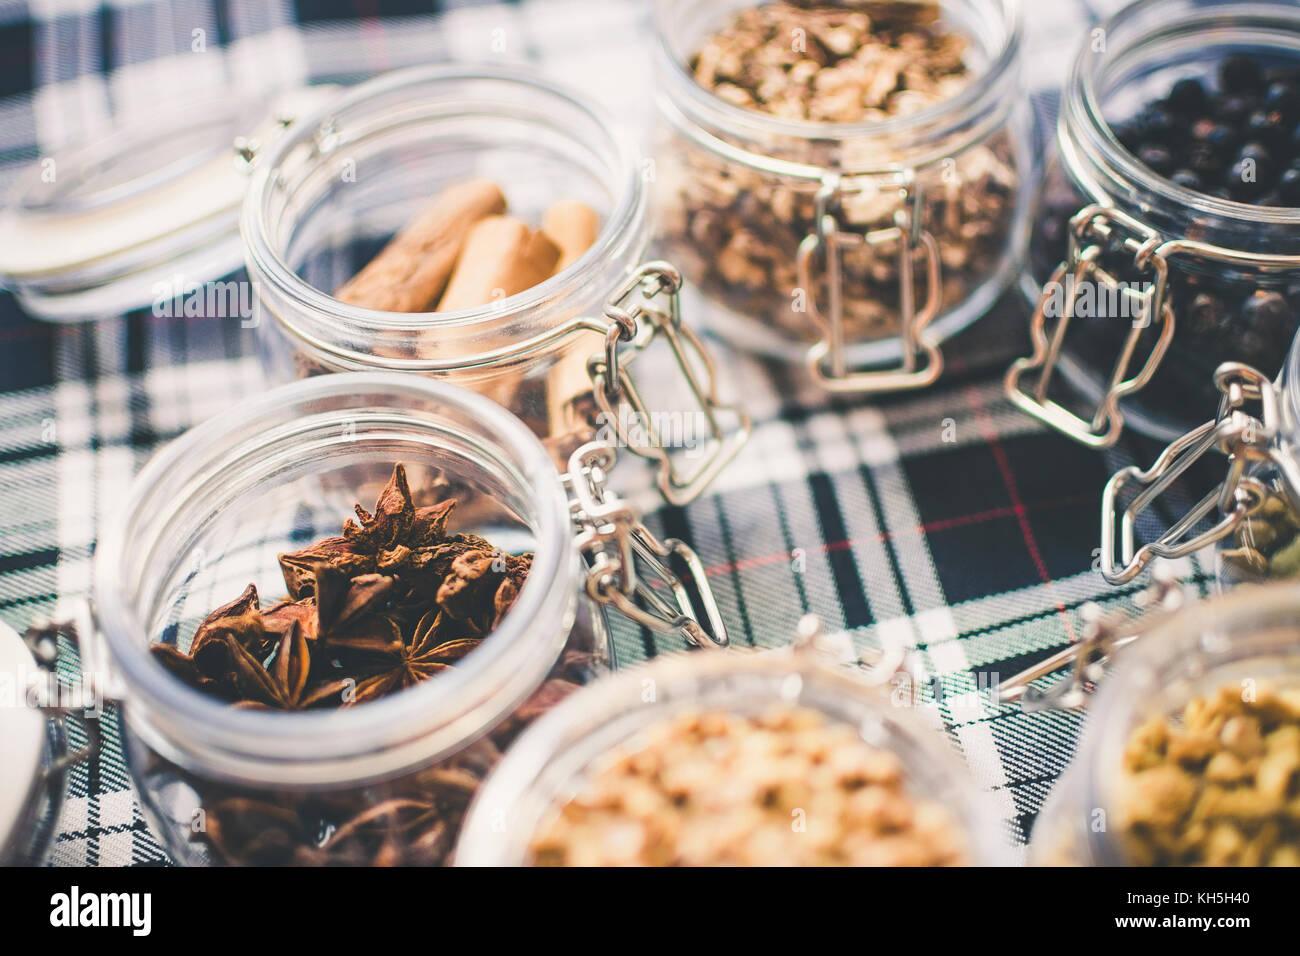 Ingredientes whisky y ginebra en tarro de cristal en azul y blanco, tartan Imagen De Stock